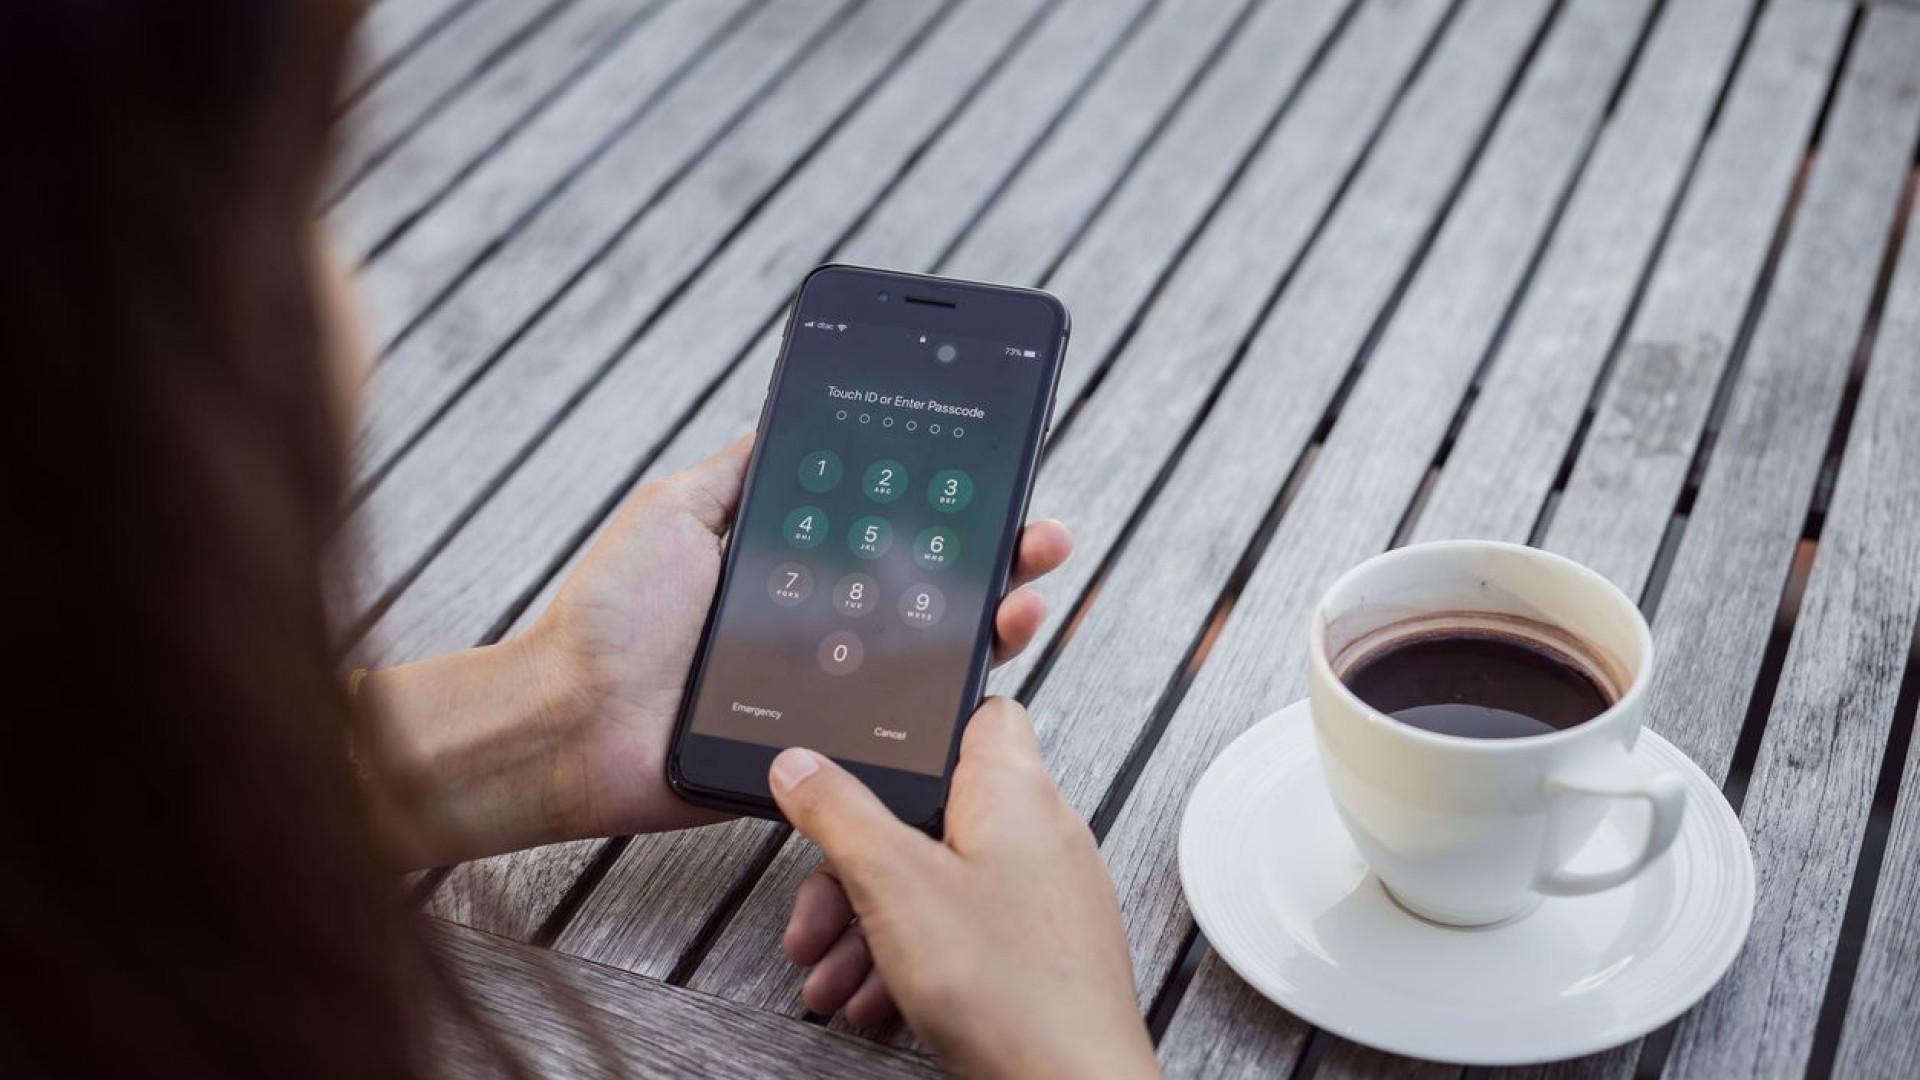 Apple exige fim da instalação de apps que espiam utilizador